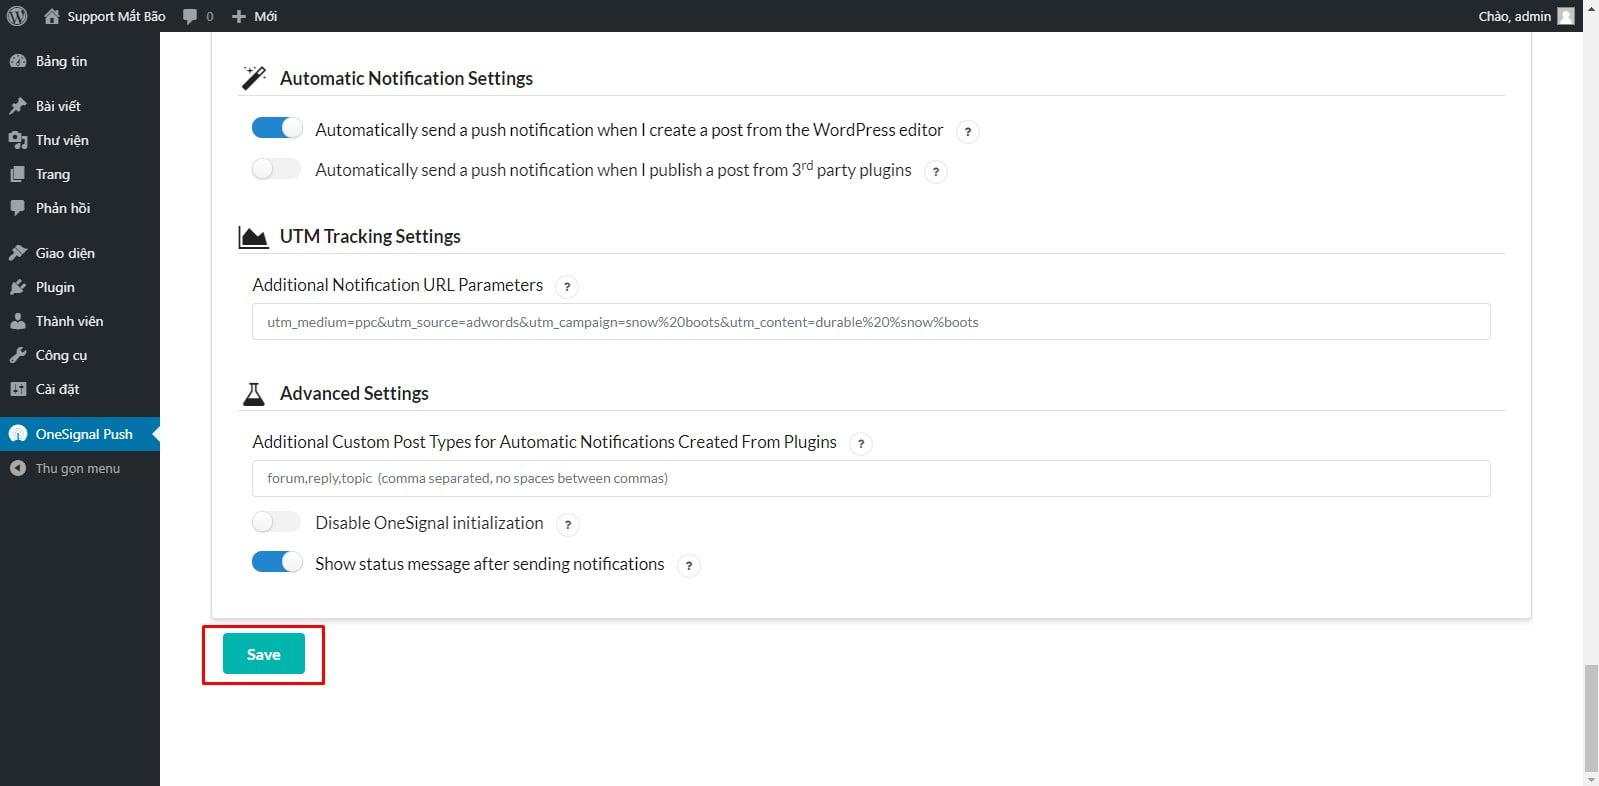 17 - Hướng dẫn cài đặt thông báo đẩy OneSignal cho WordPress từ A tới Z - Trung tâm hỗ trợ kỹ thuật